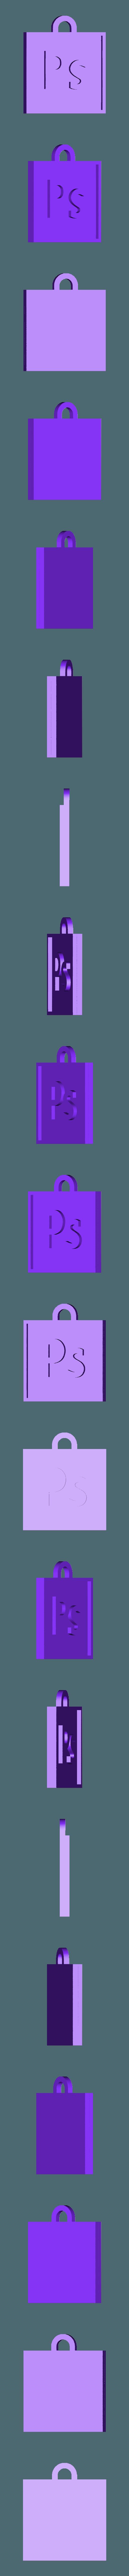 llavero_photoshop.STL Télécharger fichier STL gratuit Adobe photoshop ilustrator • Plan pour impression 3D, bichon205